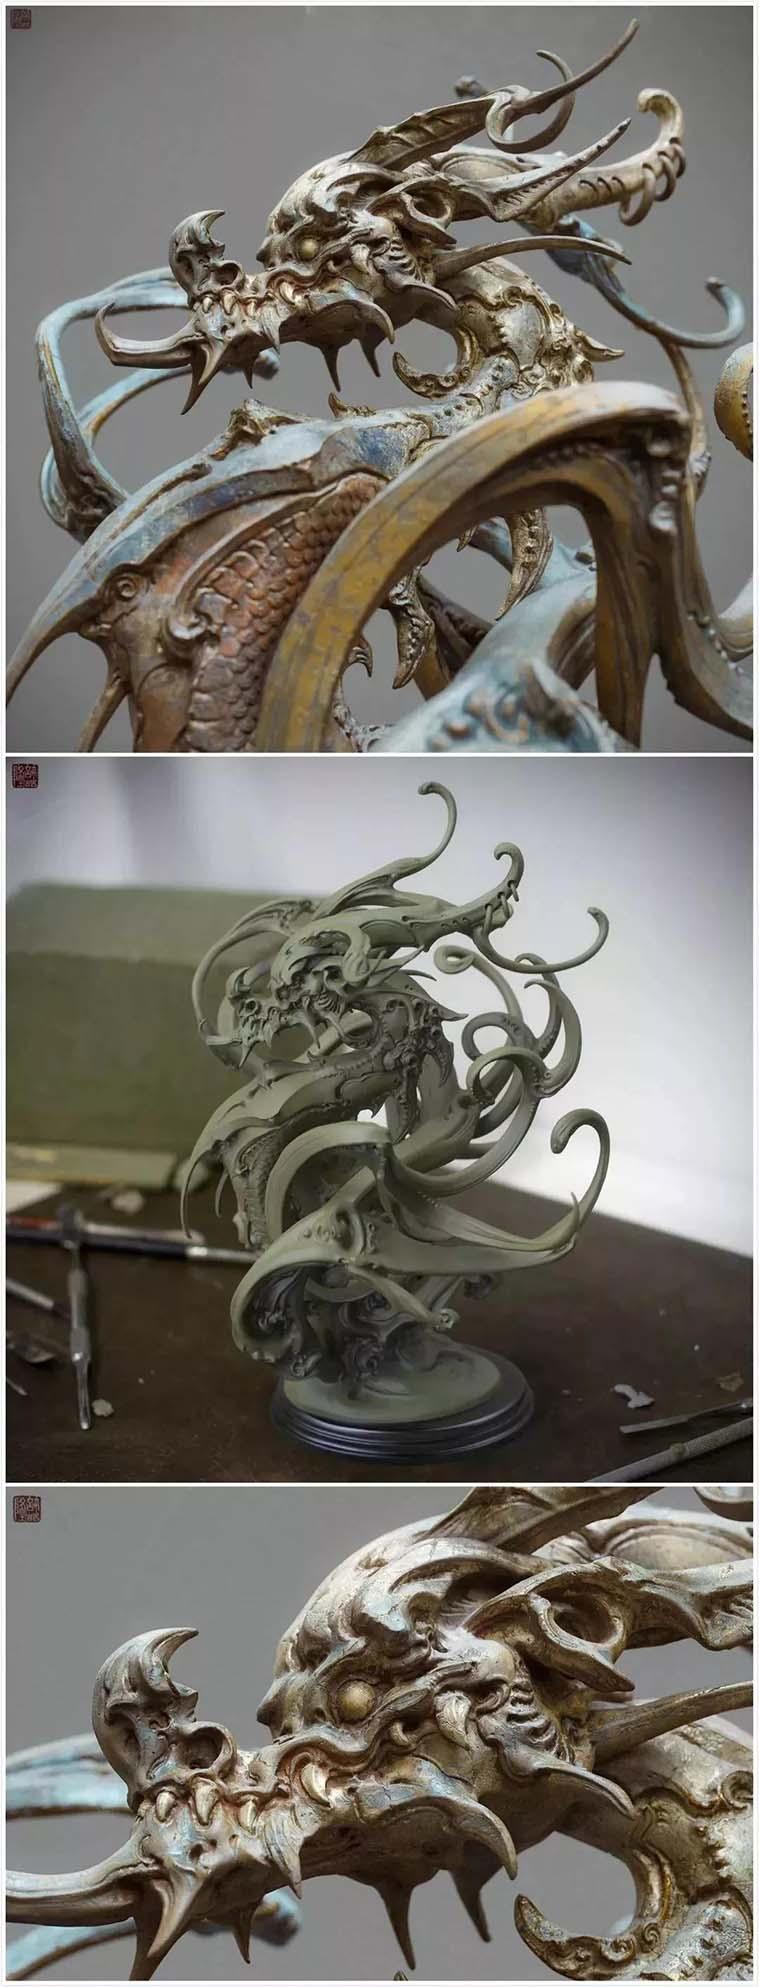 中国艺术家许喆隆  作品《龙》